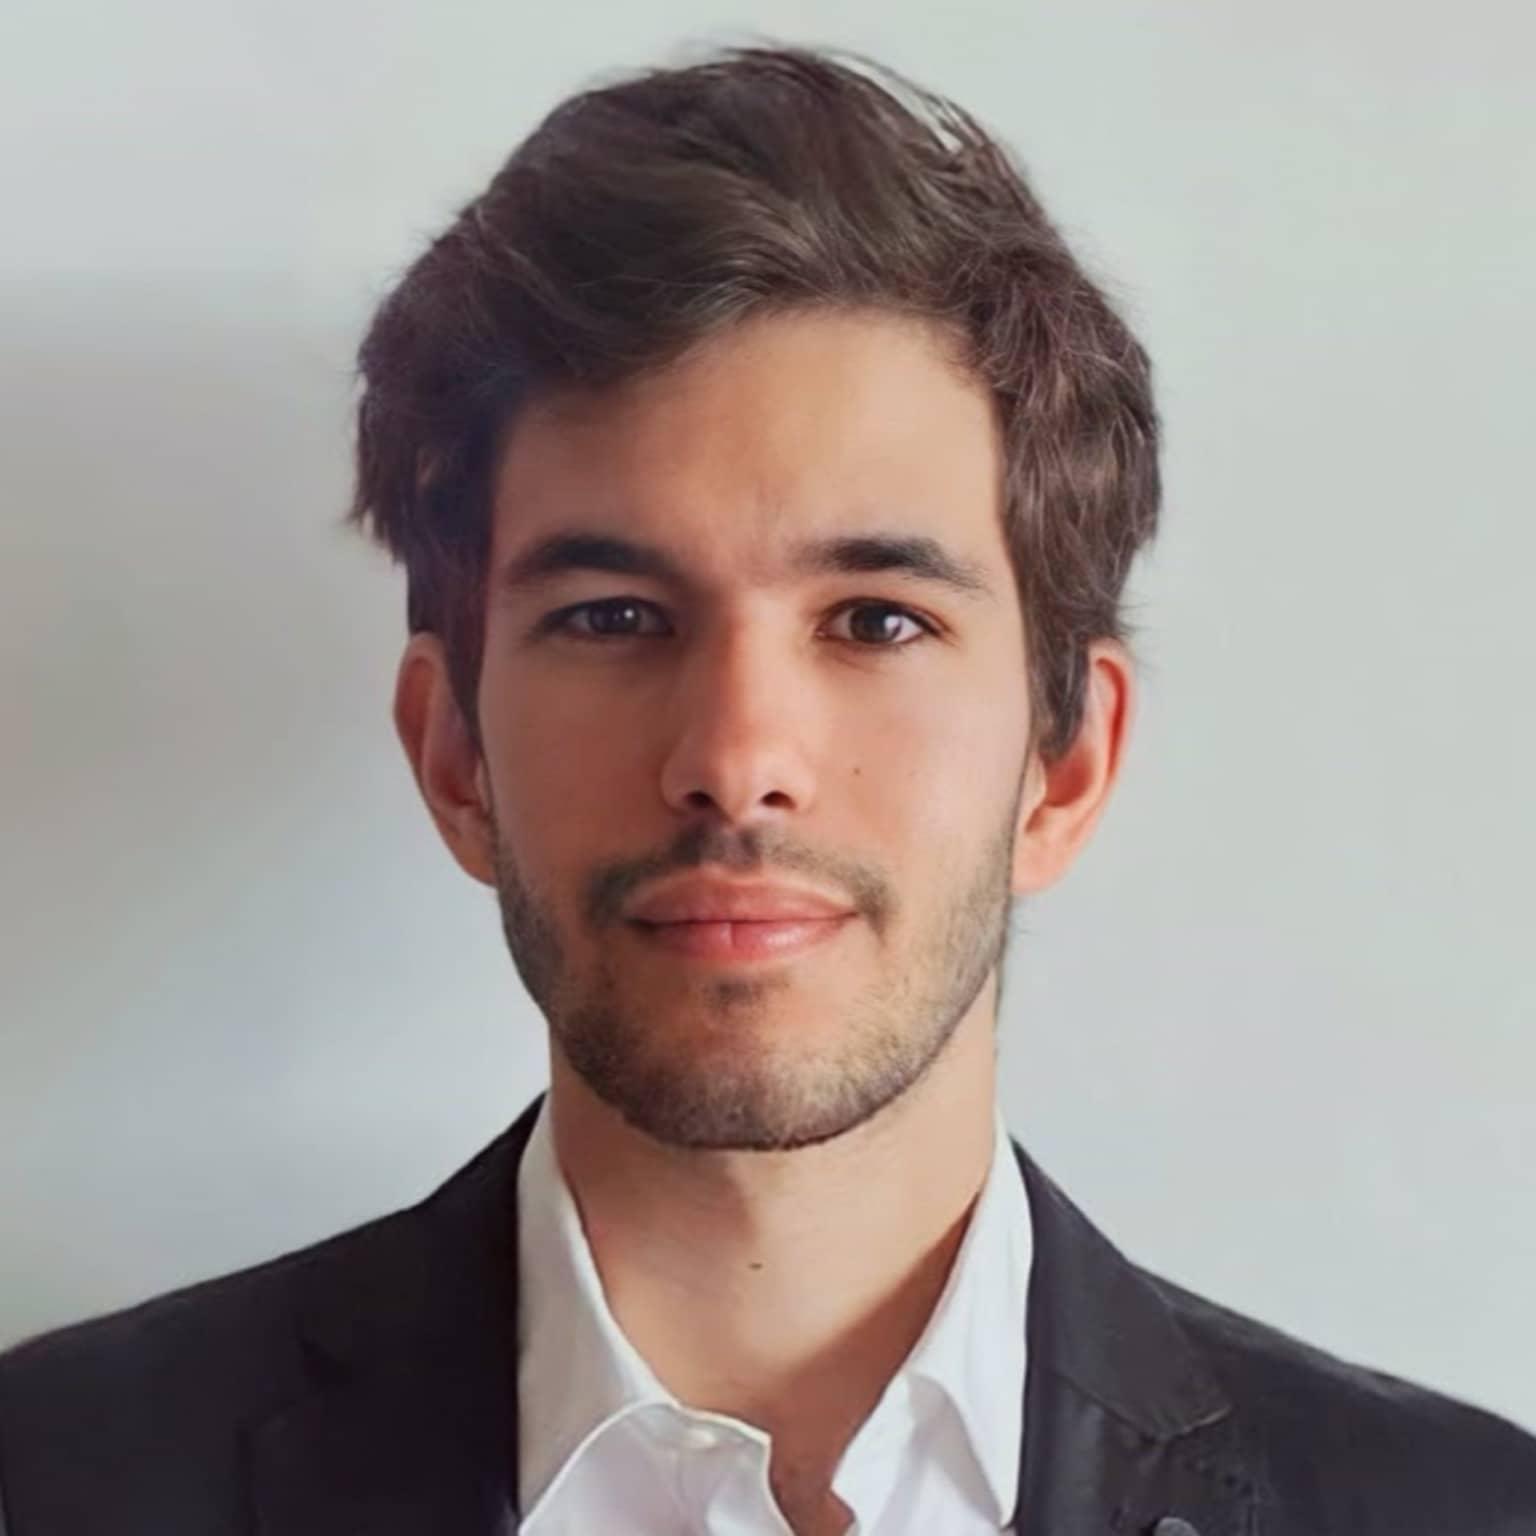 Jorge- Proyectos con impacto social y ambiental